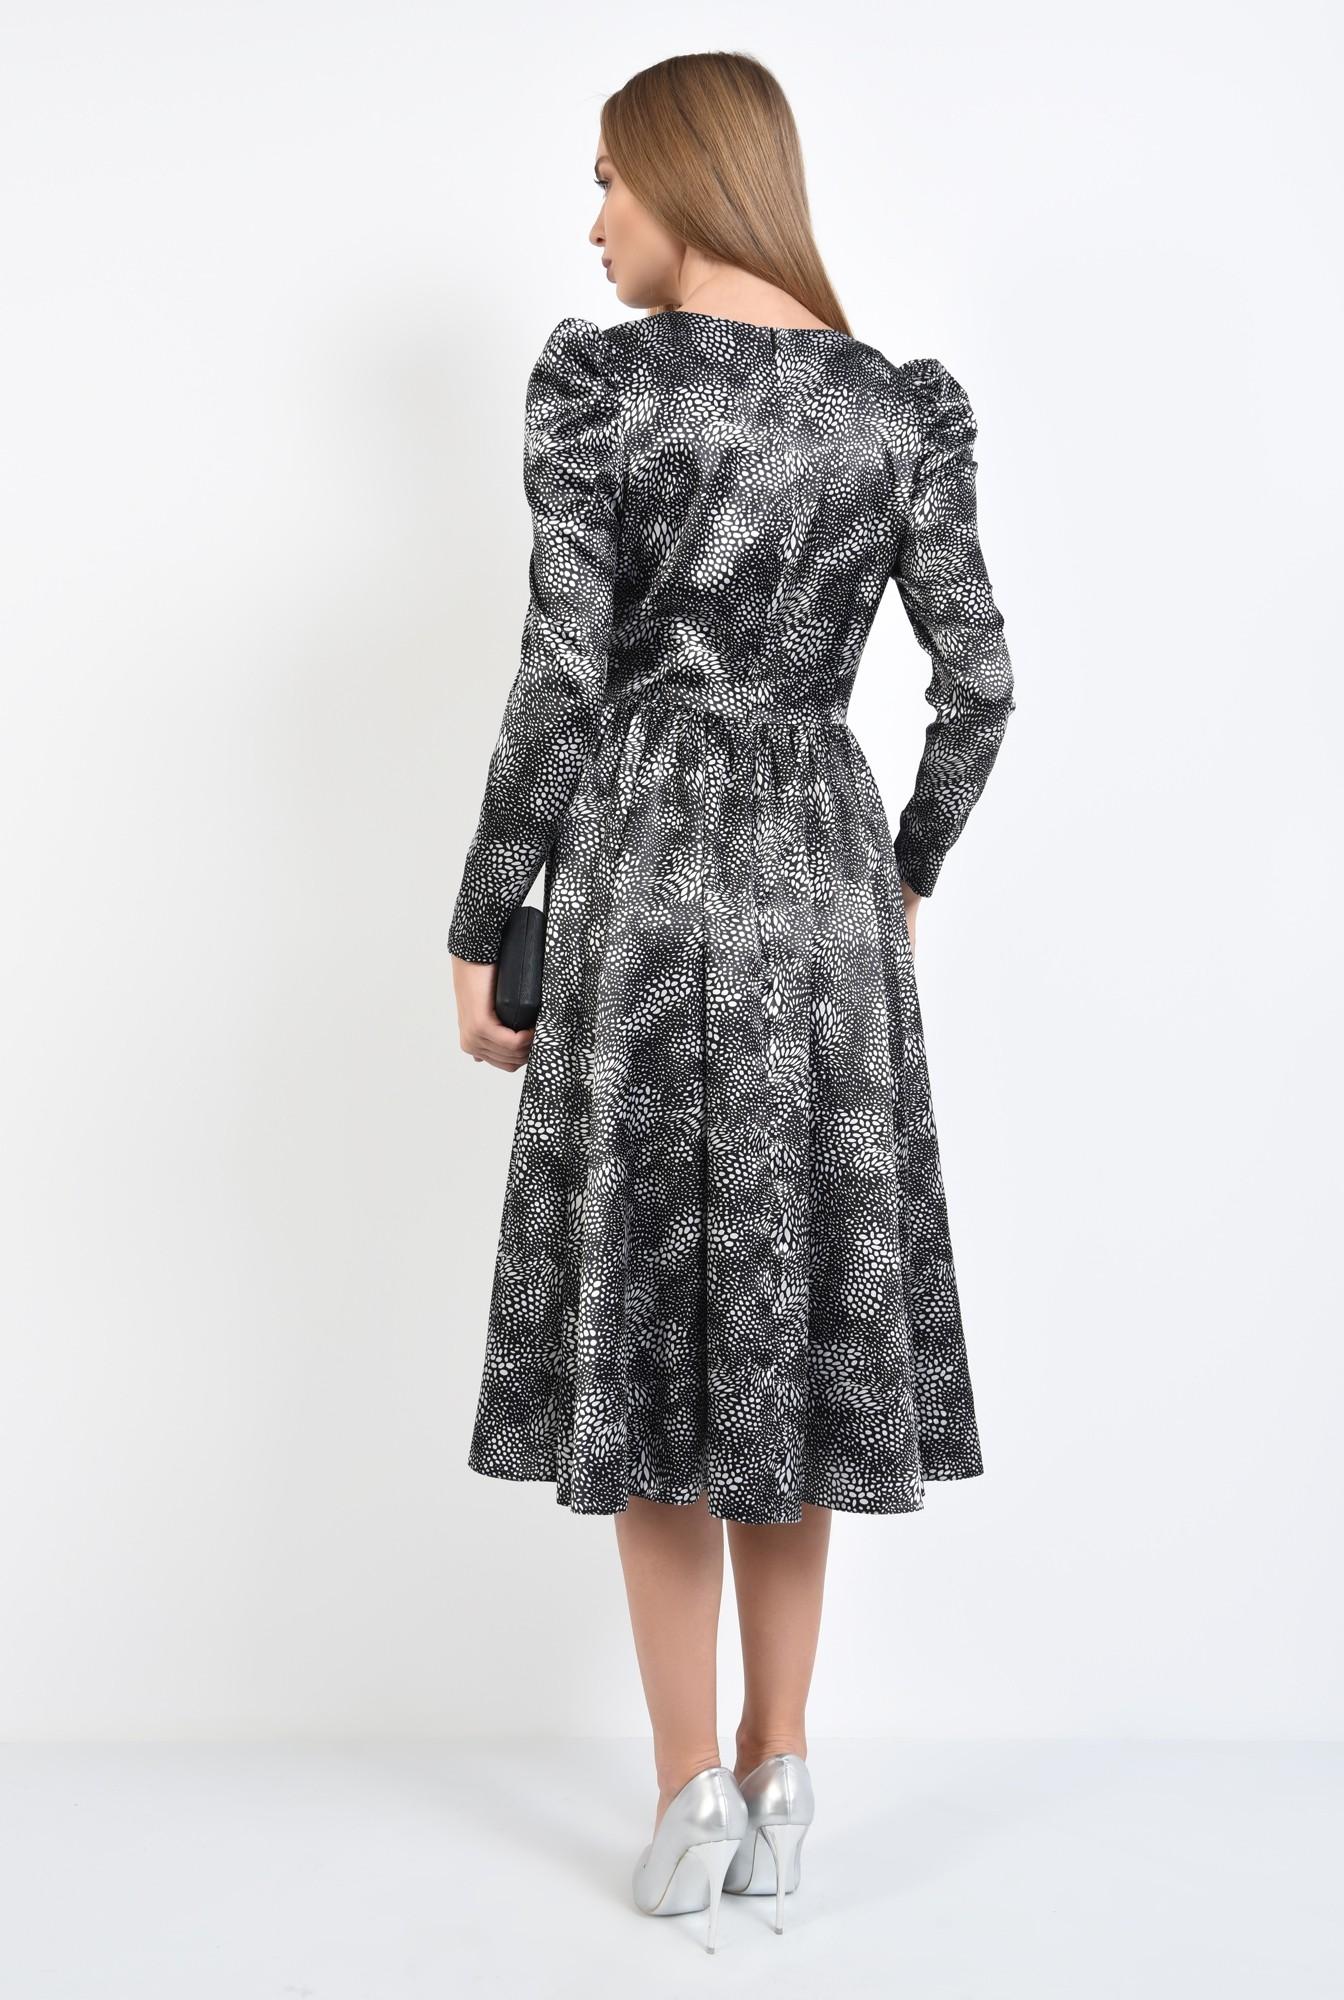 1 - rochie eleganta, clos, cusatura in talie, maneci lungi, satin imprimat